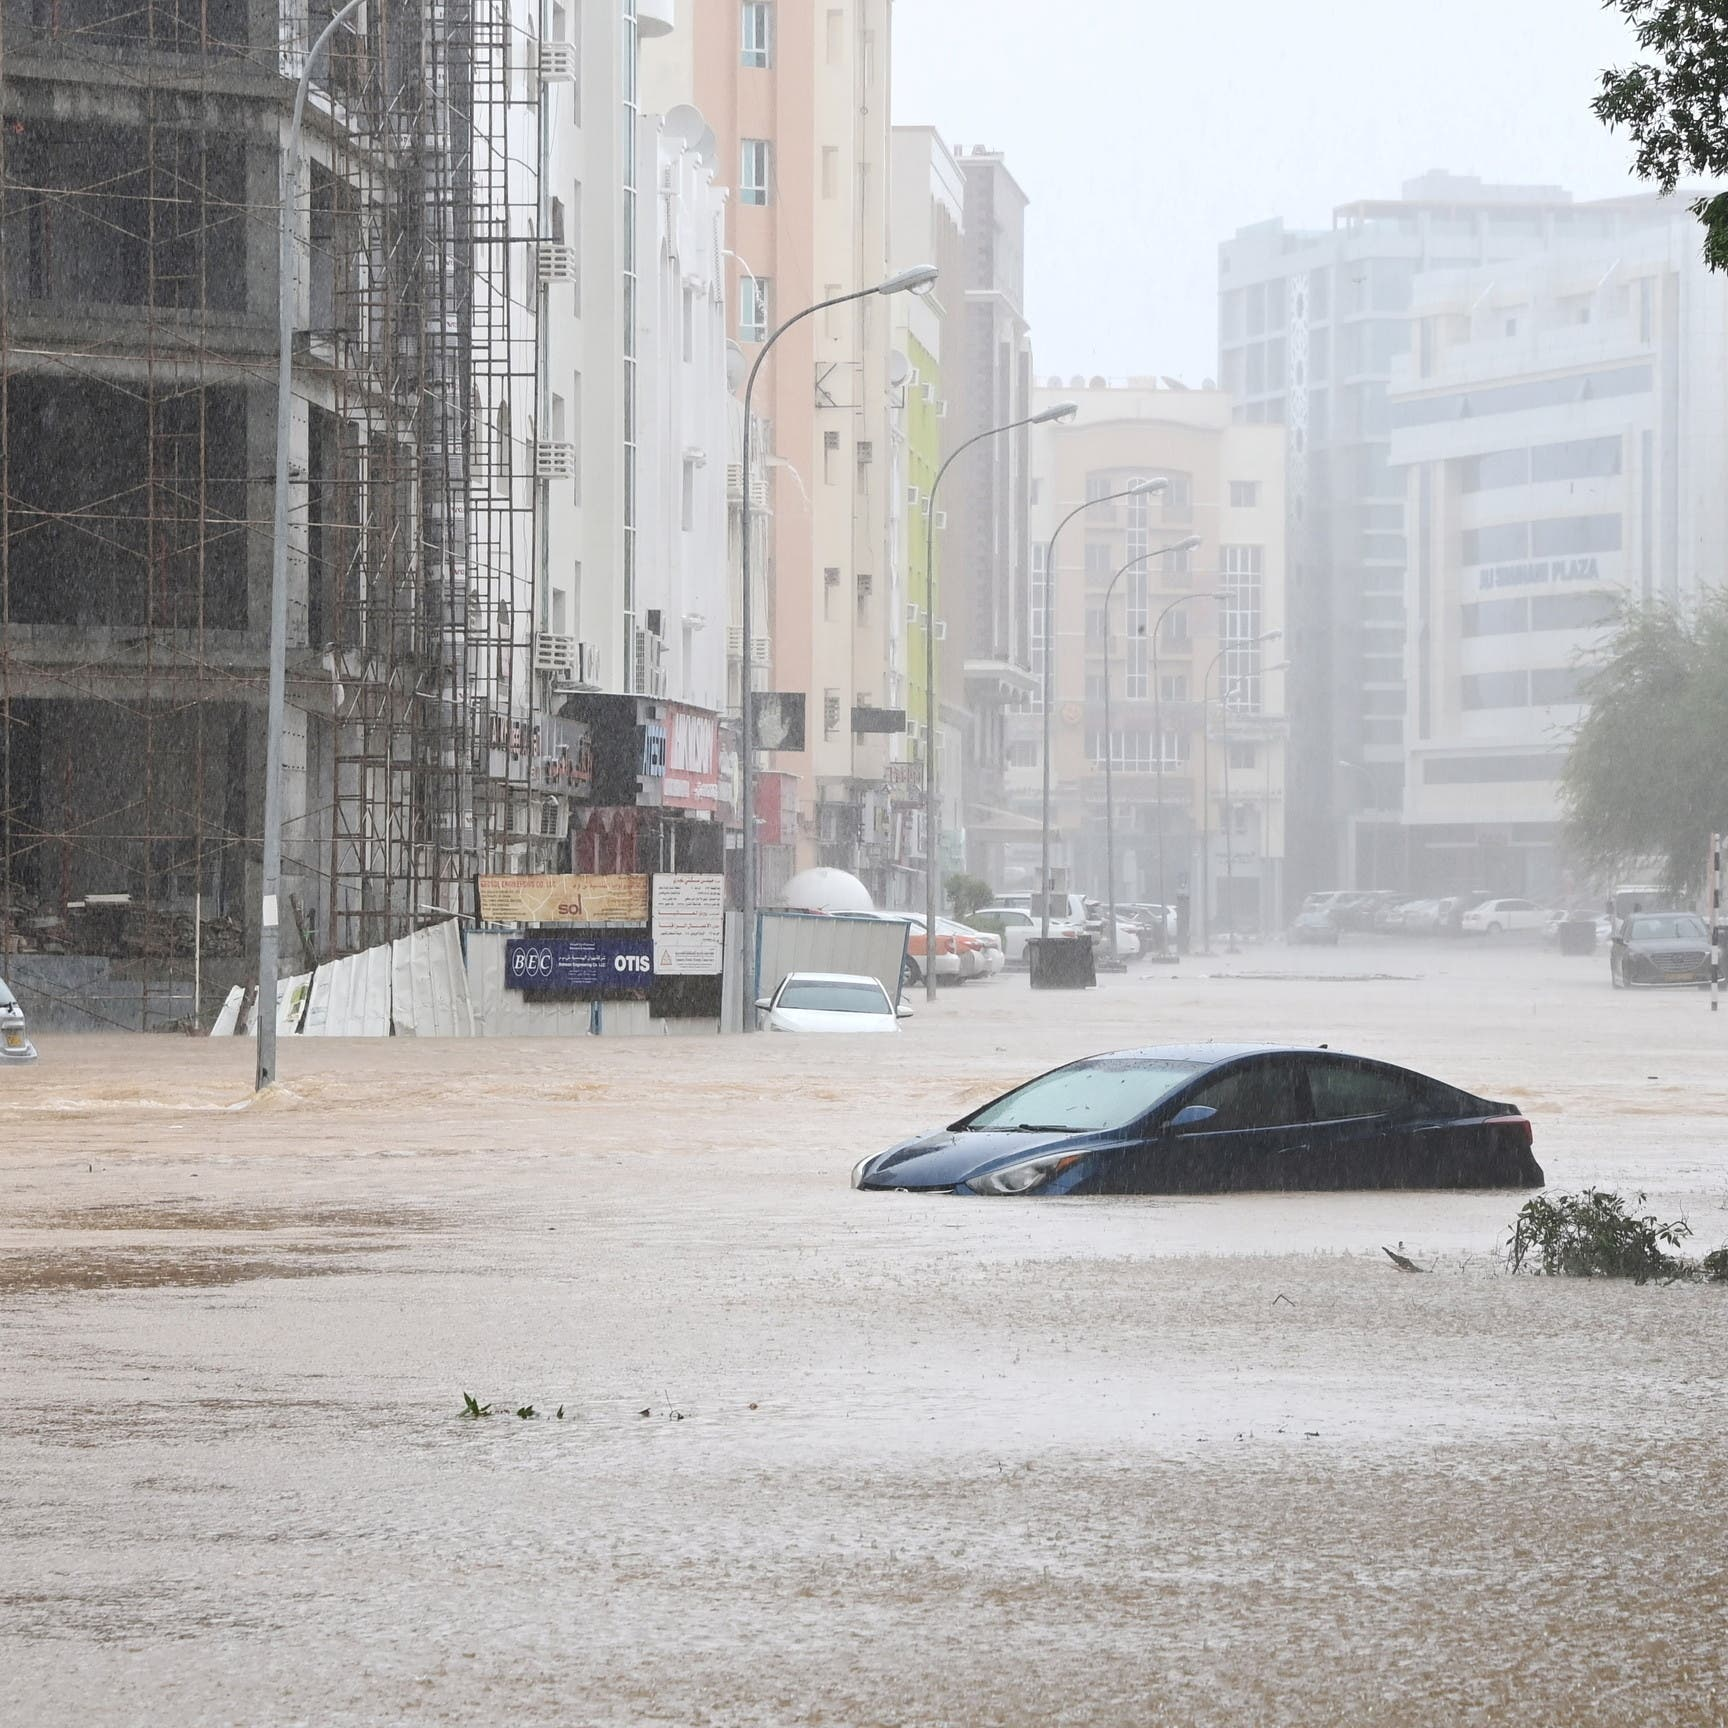 الإعصار شاهين يتحول لعاصفة مدارية صوب شمال عُمان والإمارات